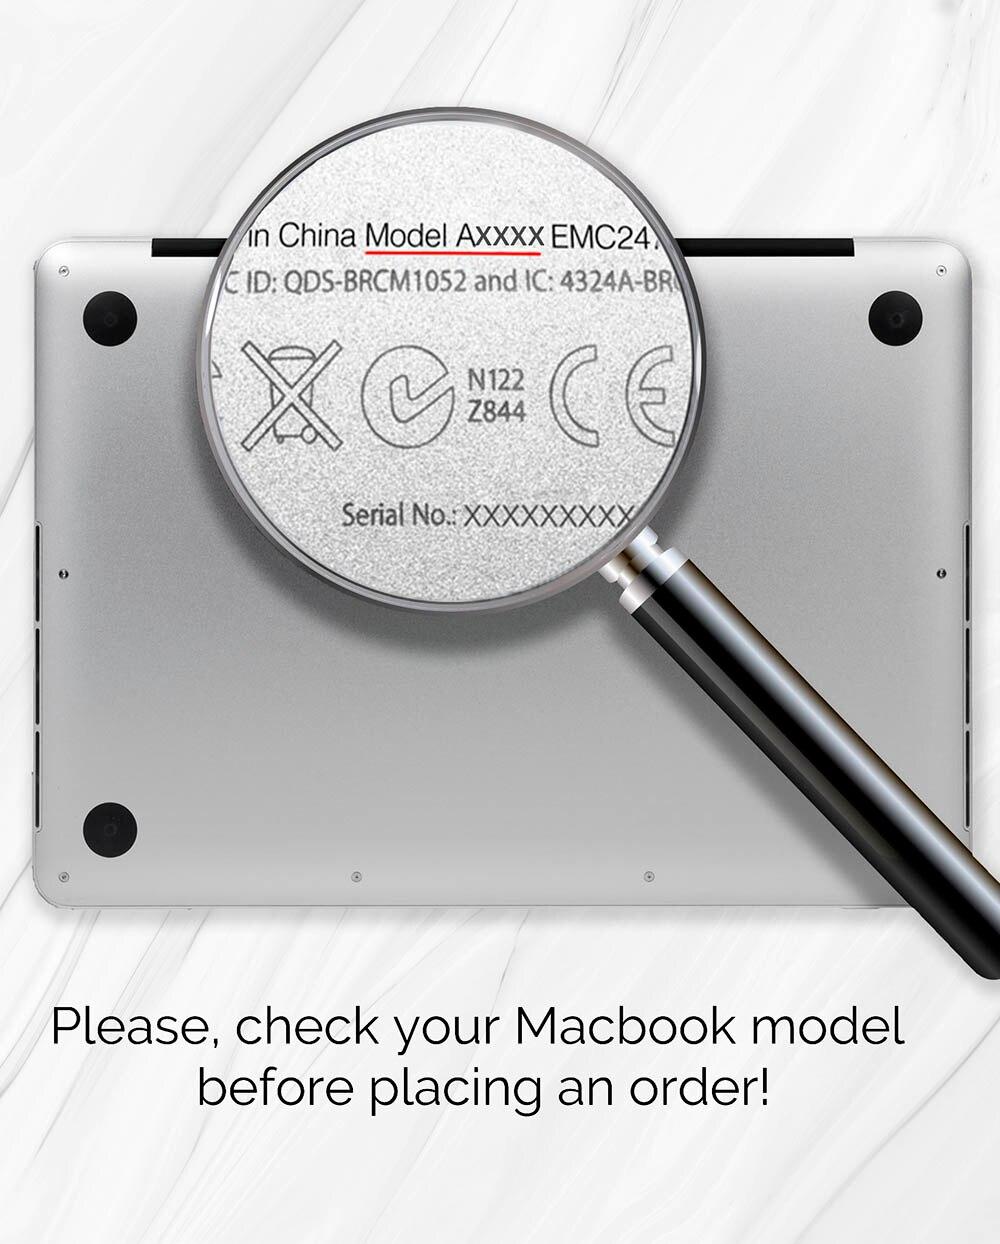 MOSISO Crystal Matte Case для Macbook Pro Retina 11 12 Air - Аксессуары для ноутбуков - Фотография 6